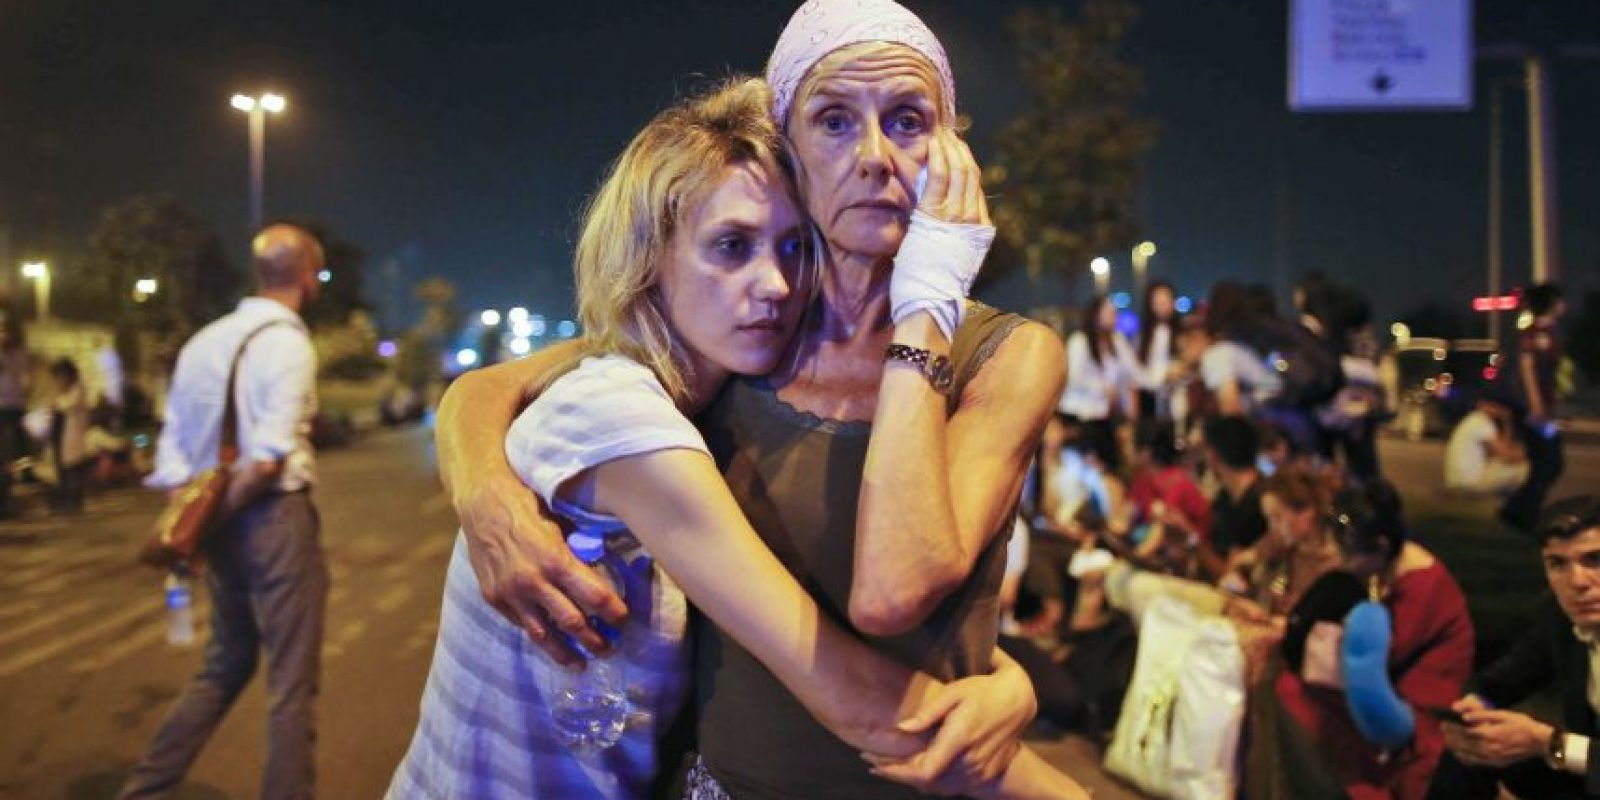 Dos mujeres se abrazan a las afueras del aeropuerto Atatürk de Estambul en Turquía, donde 45 personas perdieron la vida tras un ataque terrorista. Foto:AP. Imagen Por: